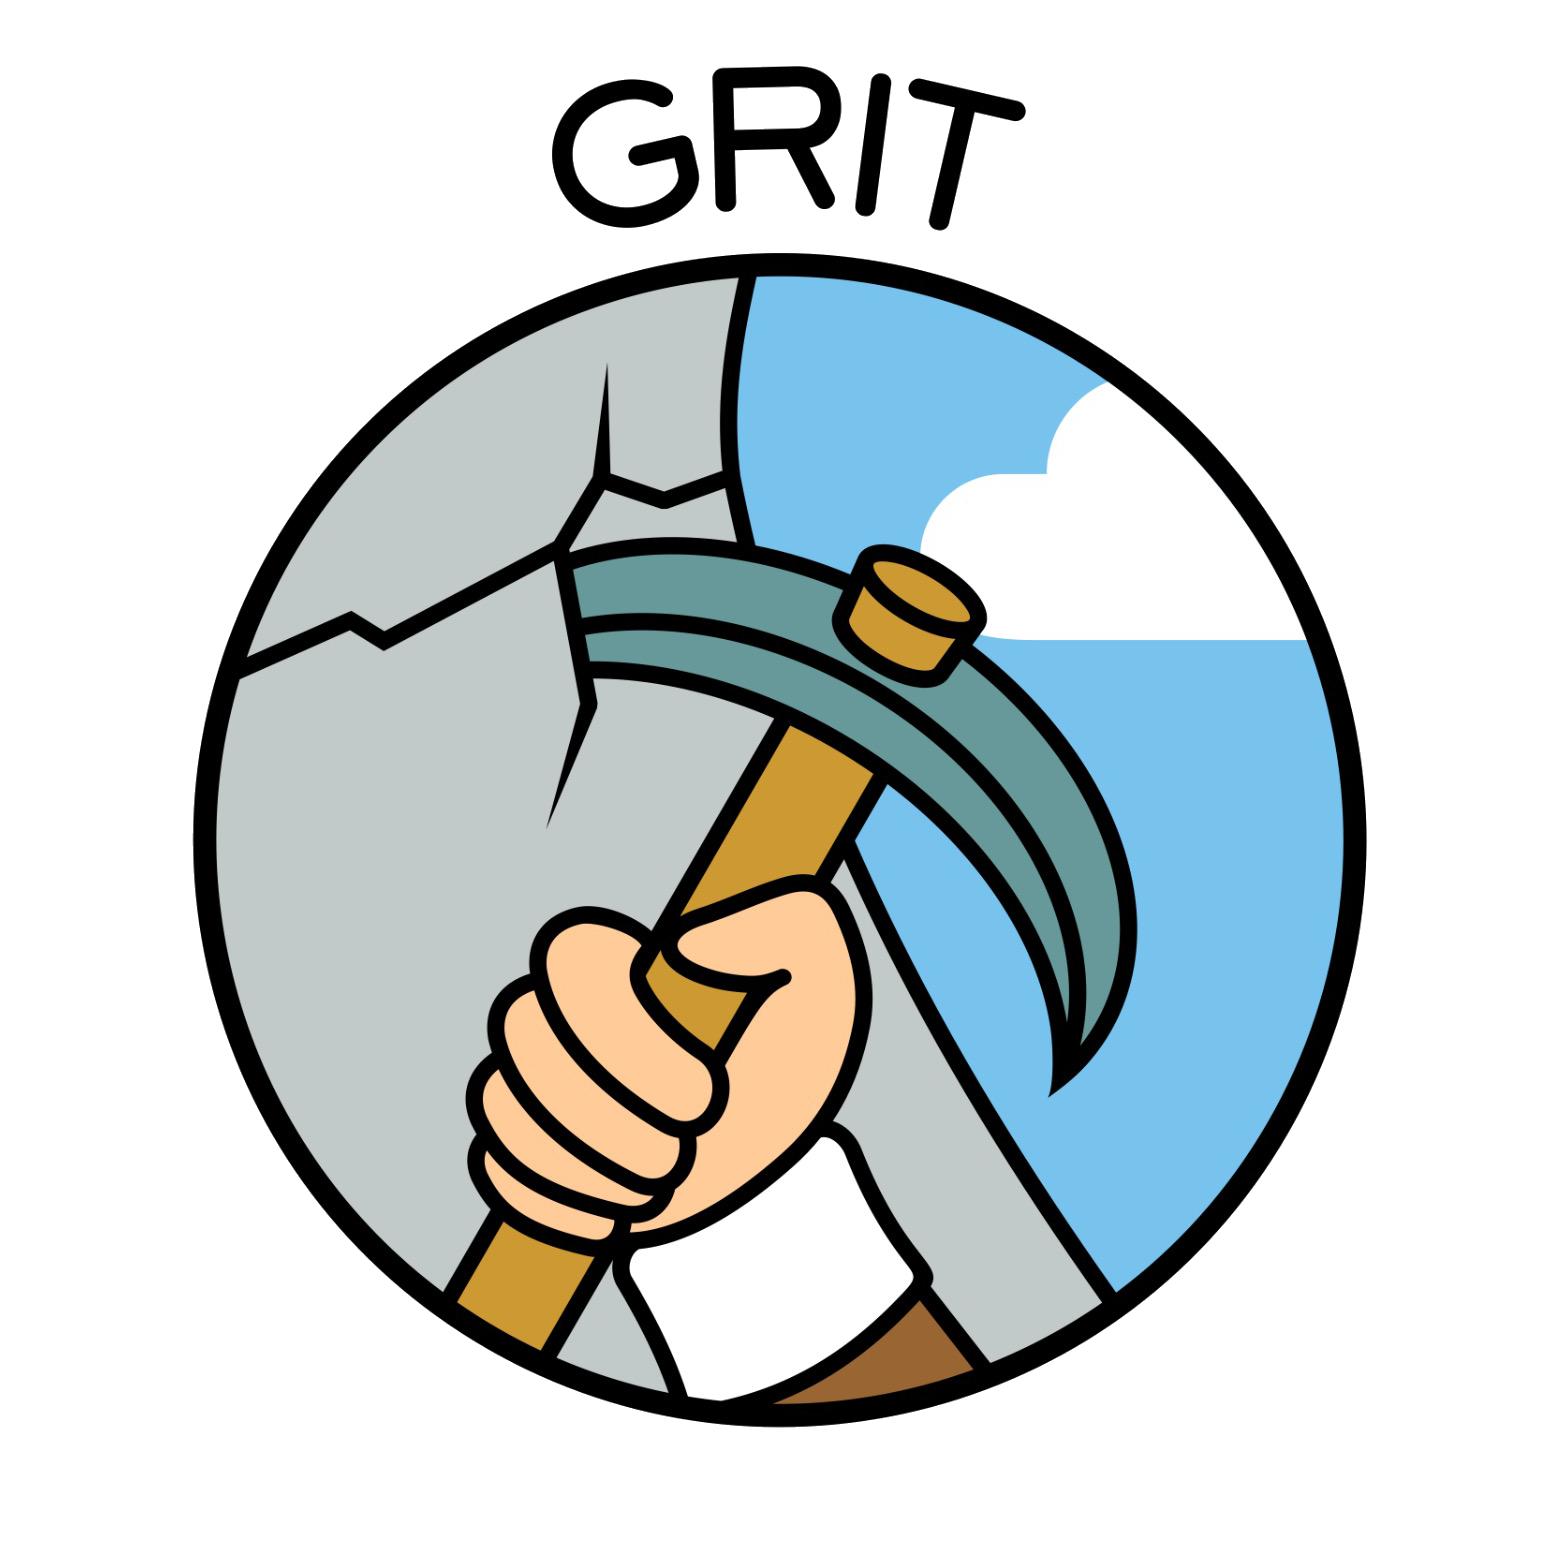 Trust clipart peer teaching. Grit steyning grammar school